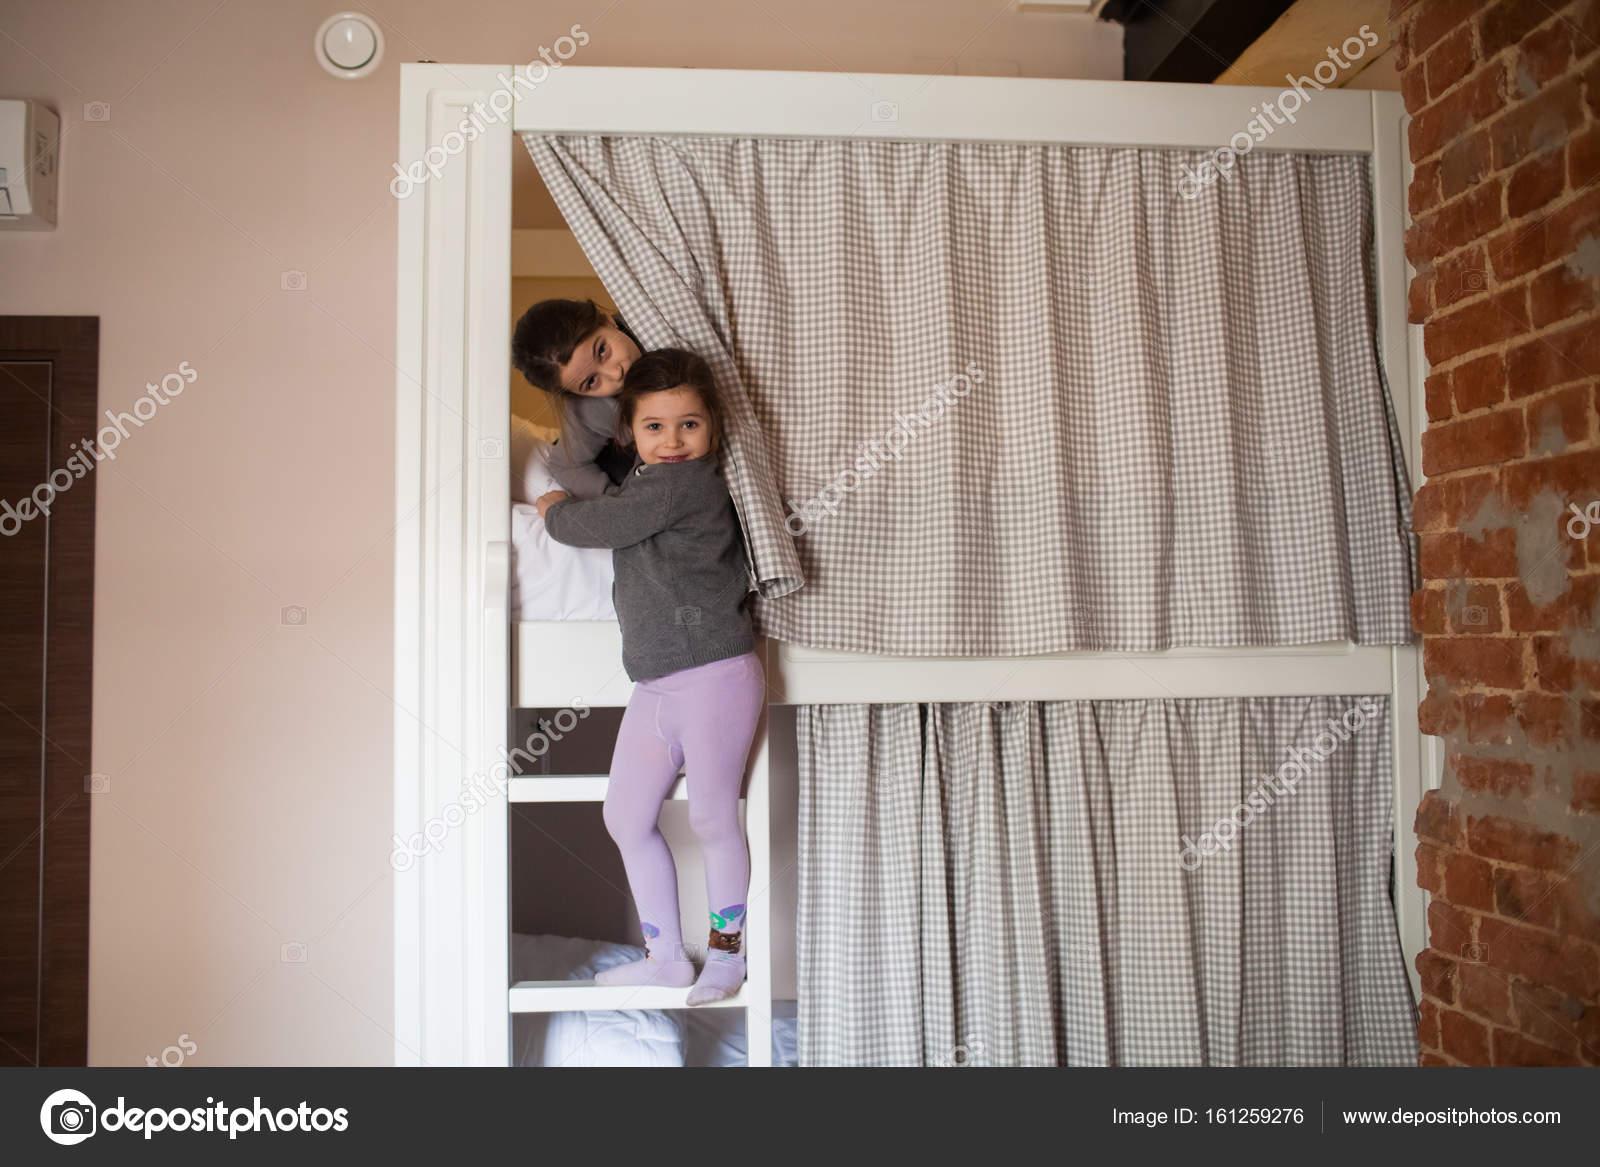 Etagenbett Junge Und Mädchen : Zwei junge mädchen auf etagenbett schlafen gehen u stockfoto